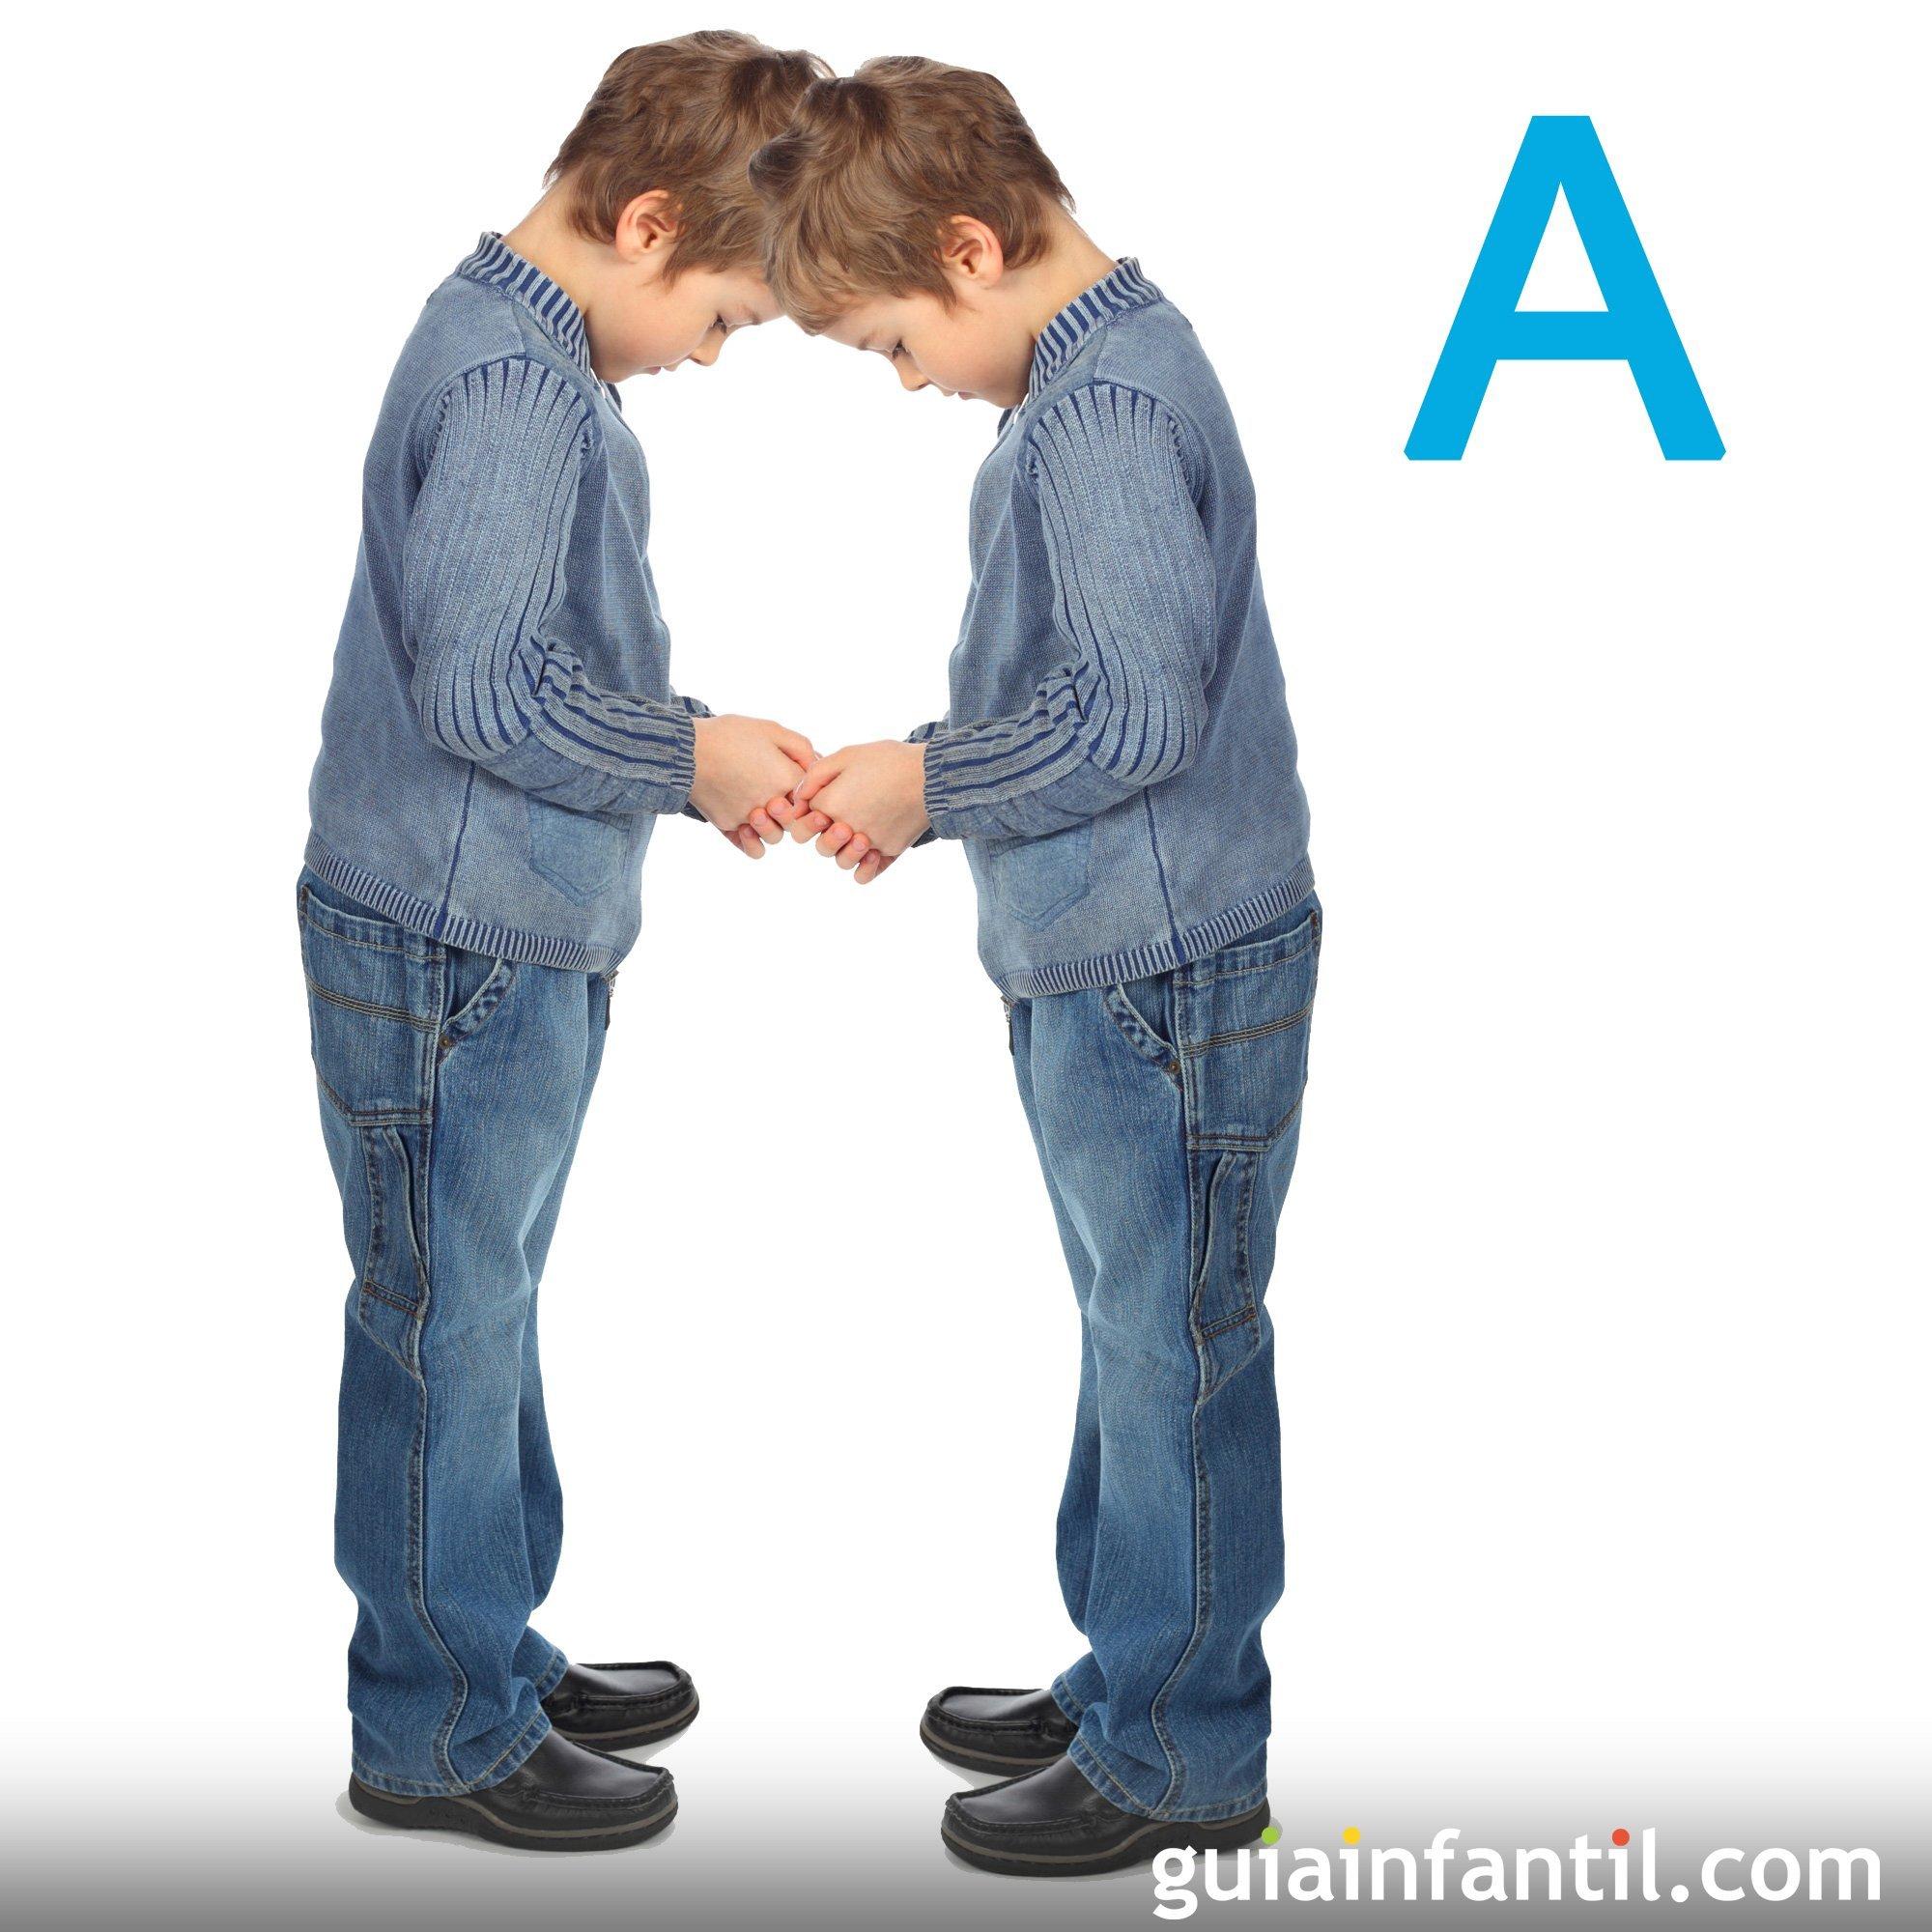 Haz la letra A con el cuerpo de los niños